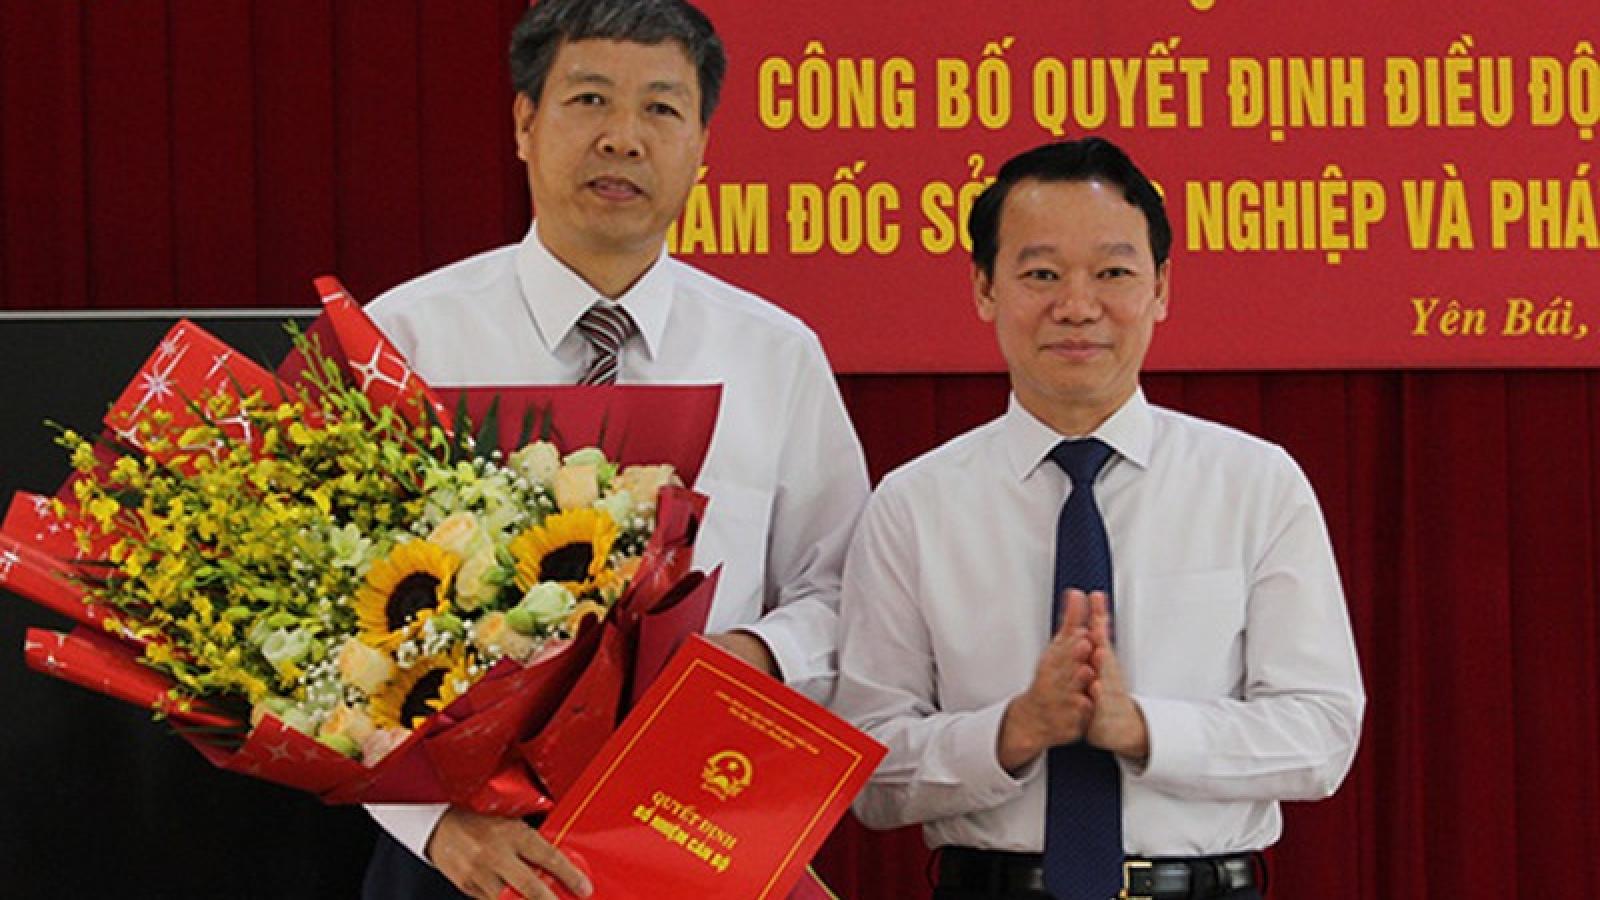 Yên Bái: Phó trưởng Đoàn đại biểu Quốc hội làm Giám đốc Sở NN&PTNT